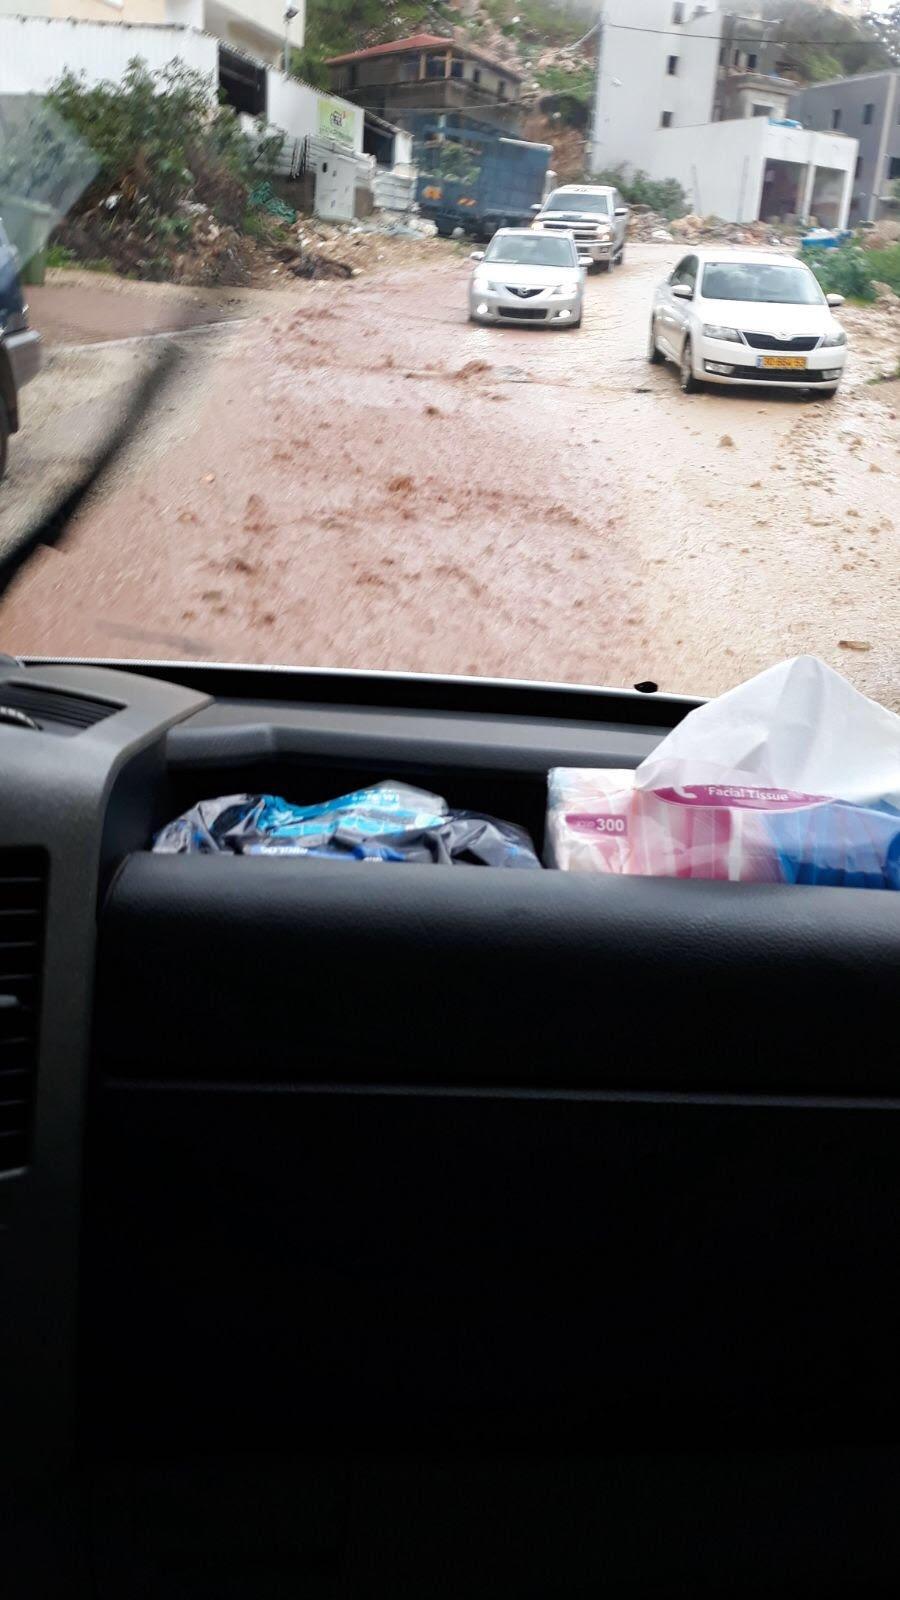 الامطار في ام الفحم تسبب ازمة السير وتشويش في حركة التنقل